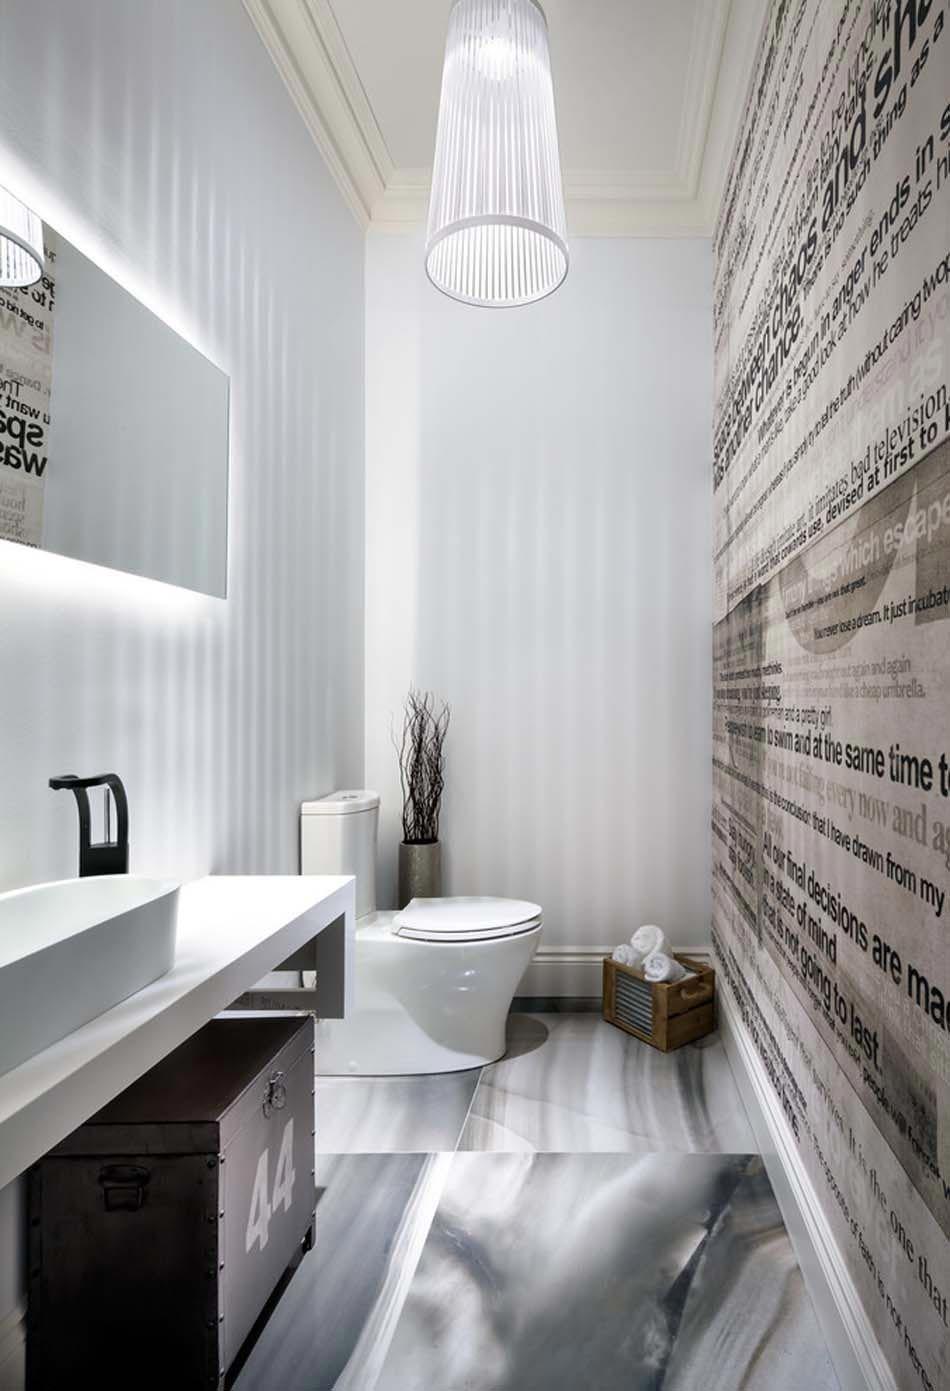 Idées de décoration inspirantes pour rendre nos toilettes surprenantes